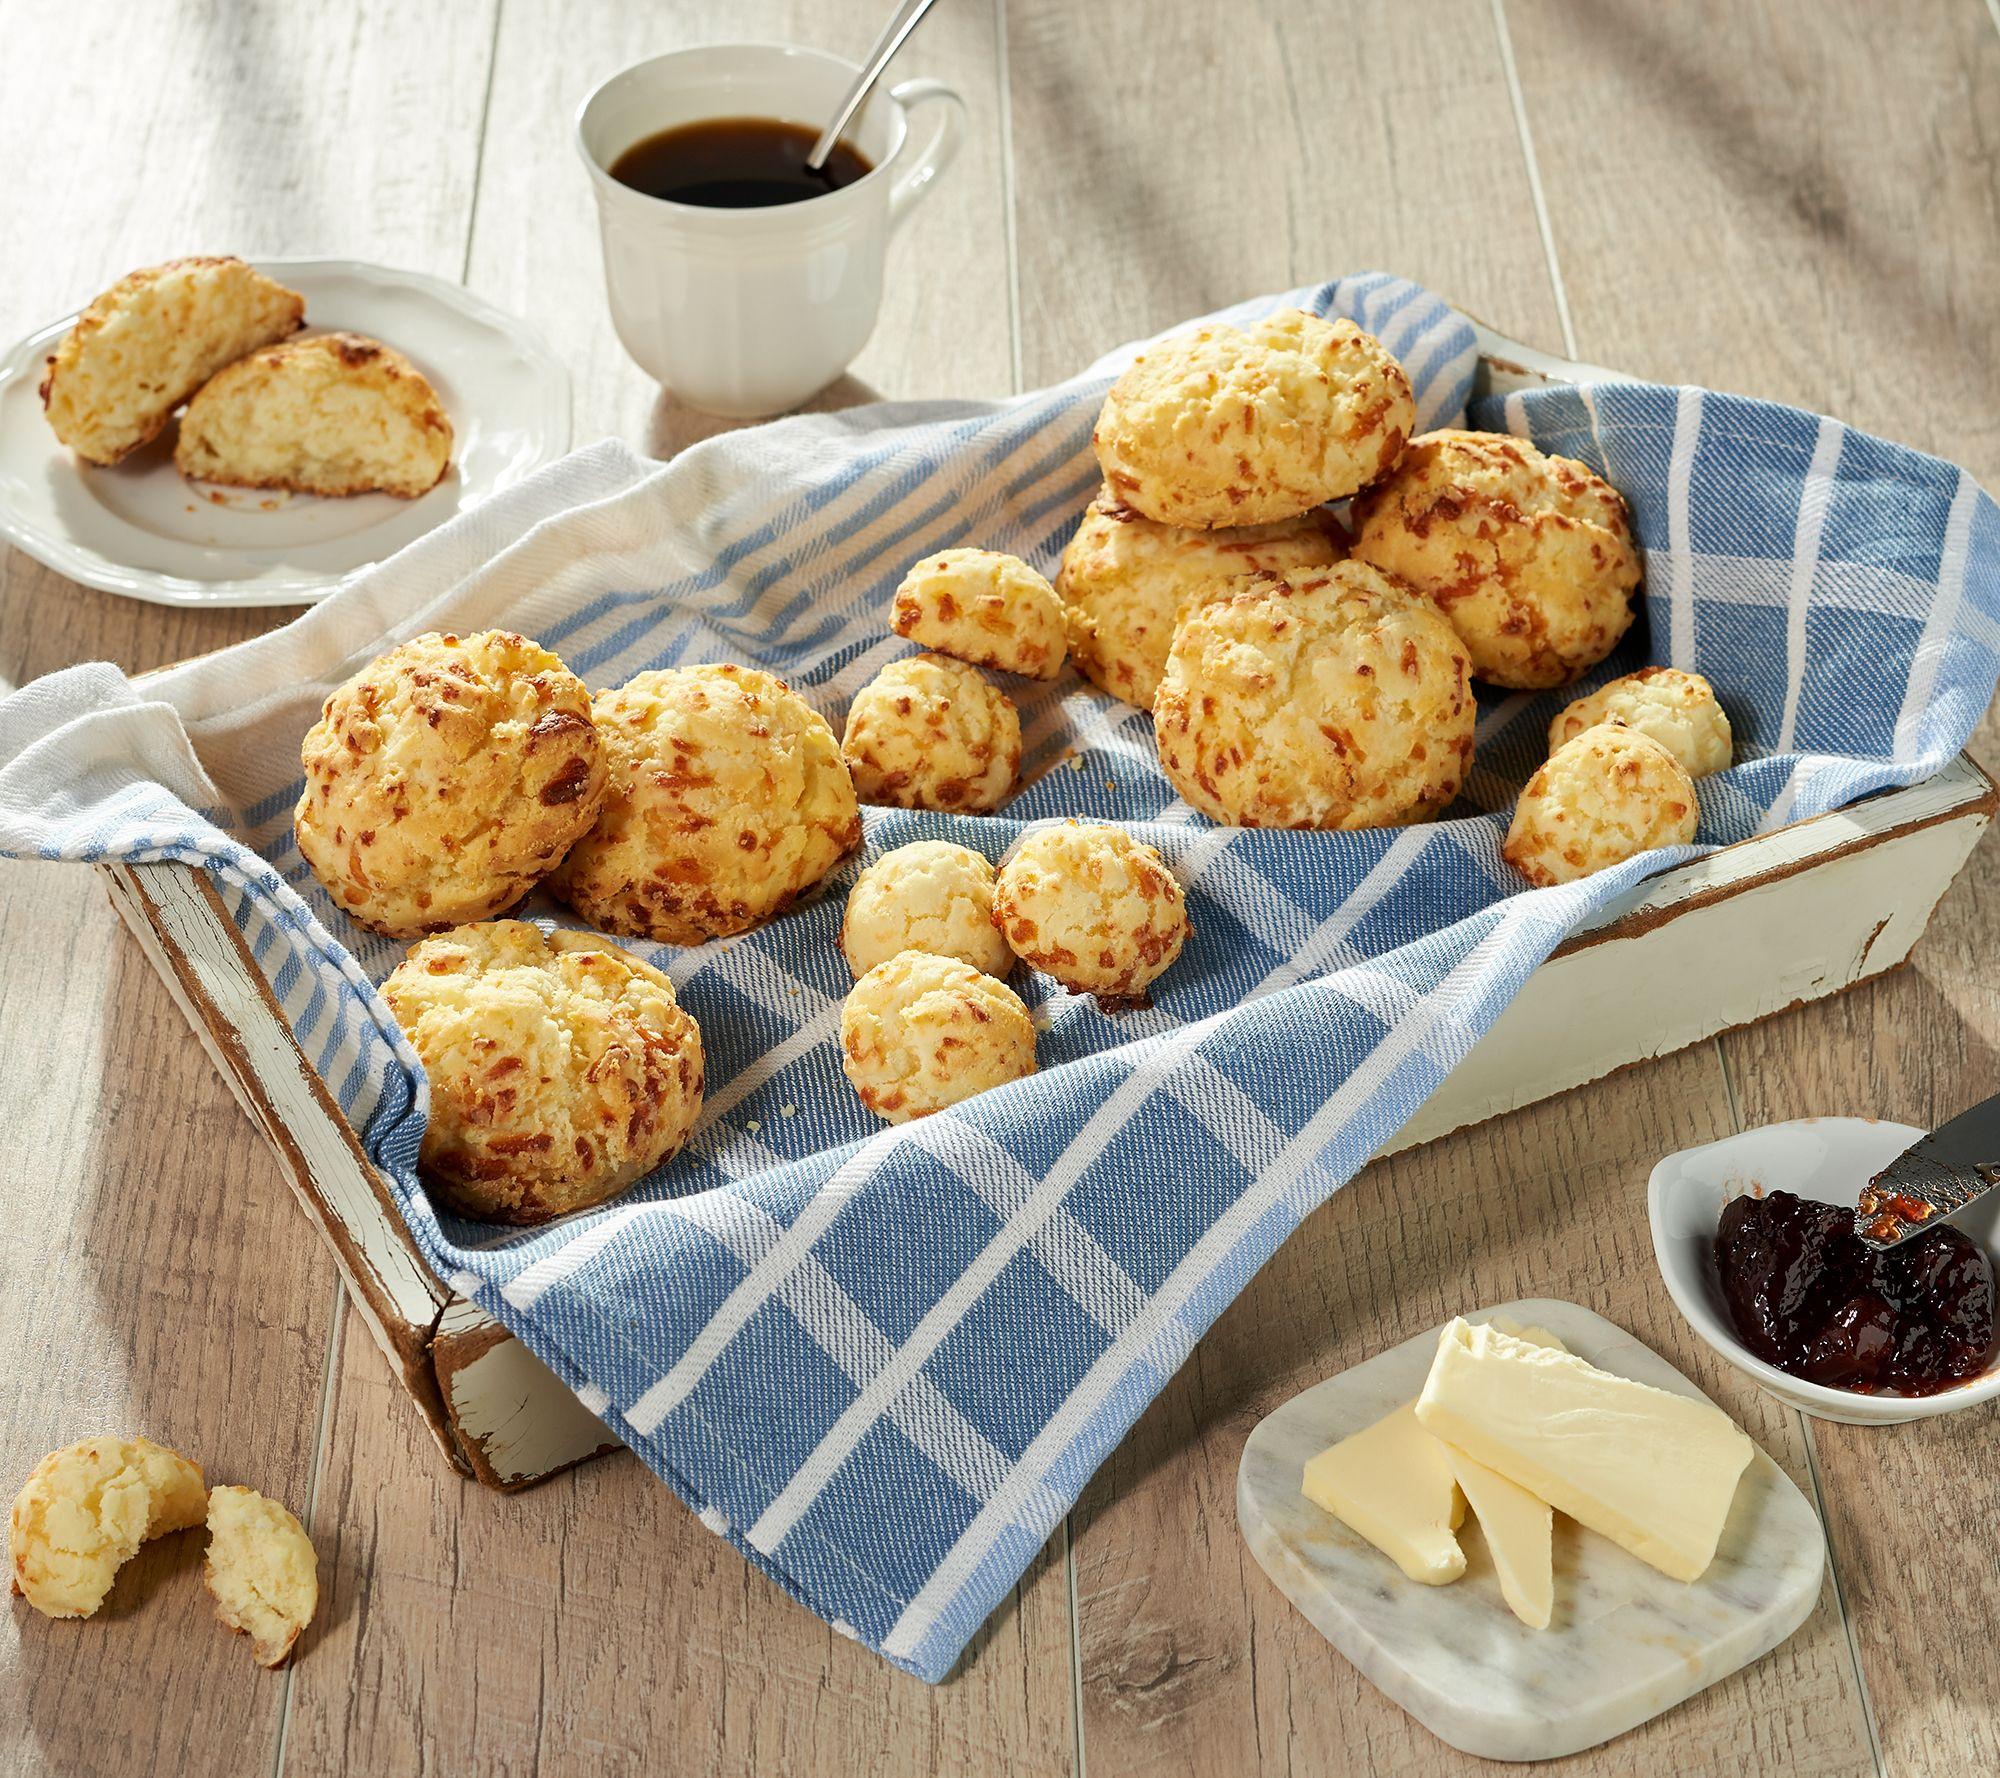 72-piece buttermilk biscuits